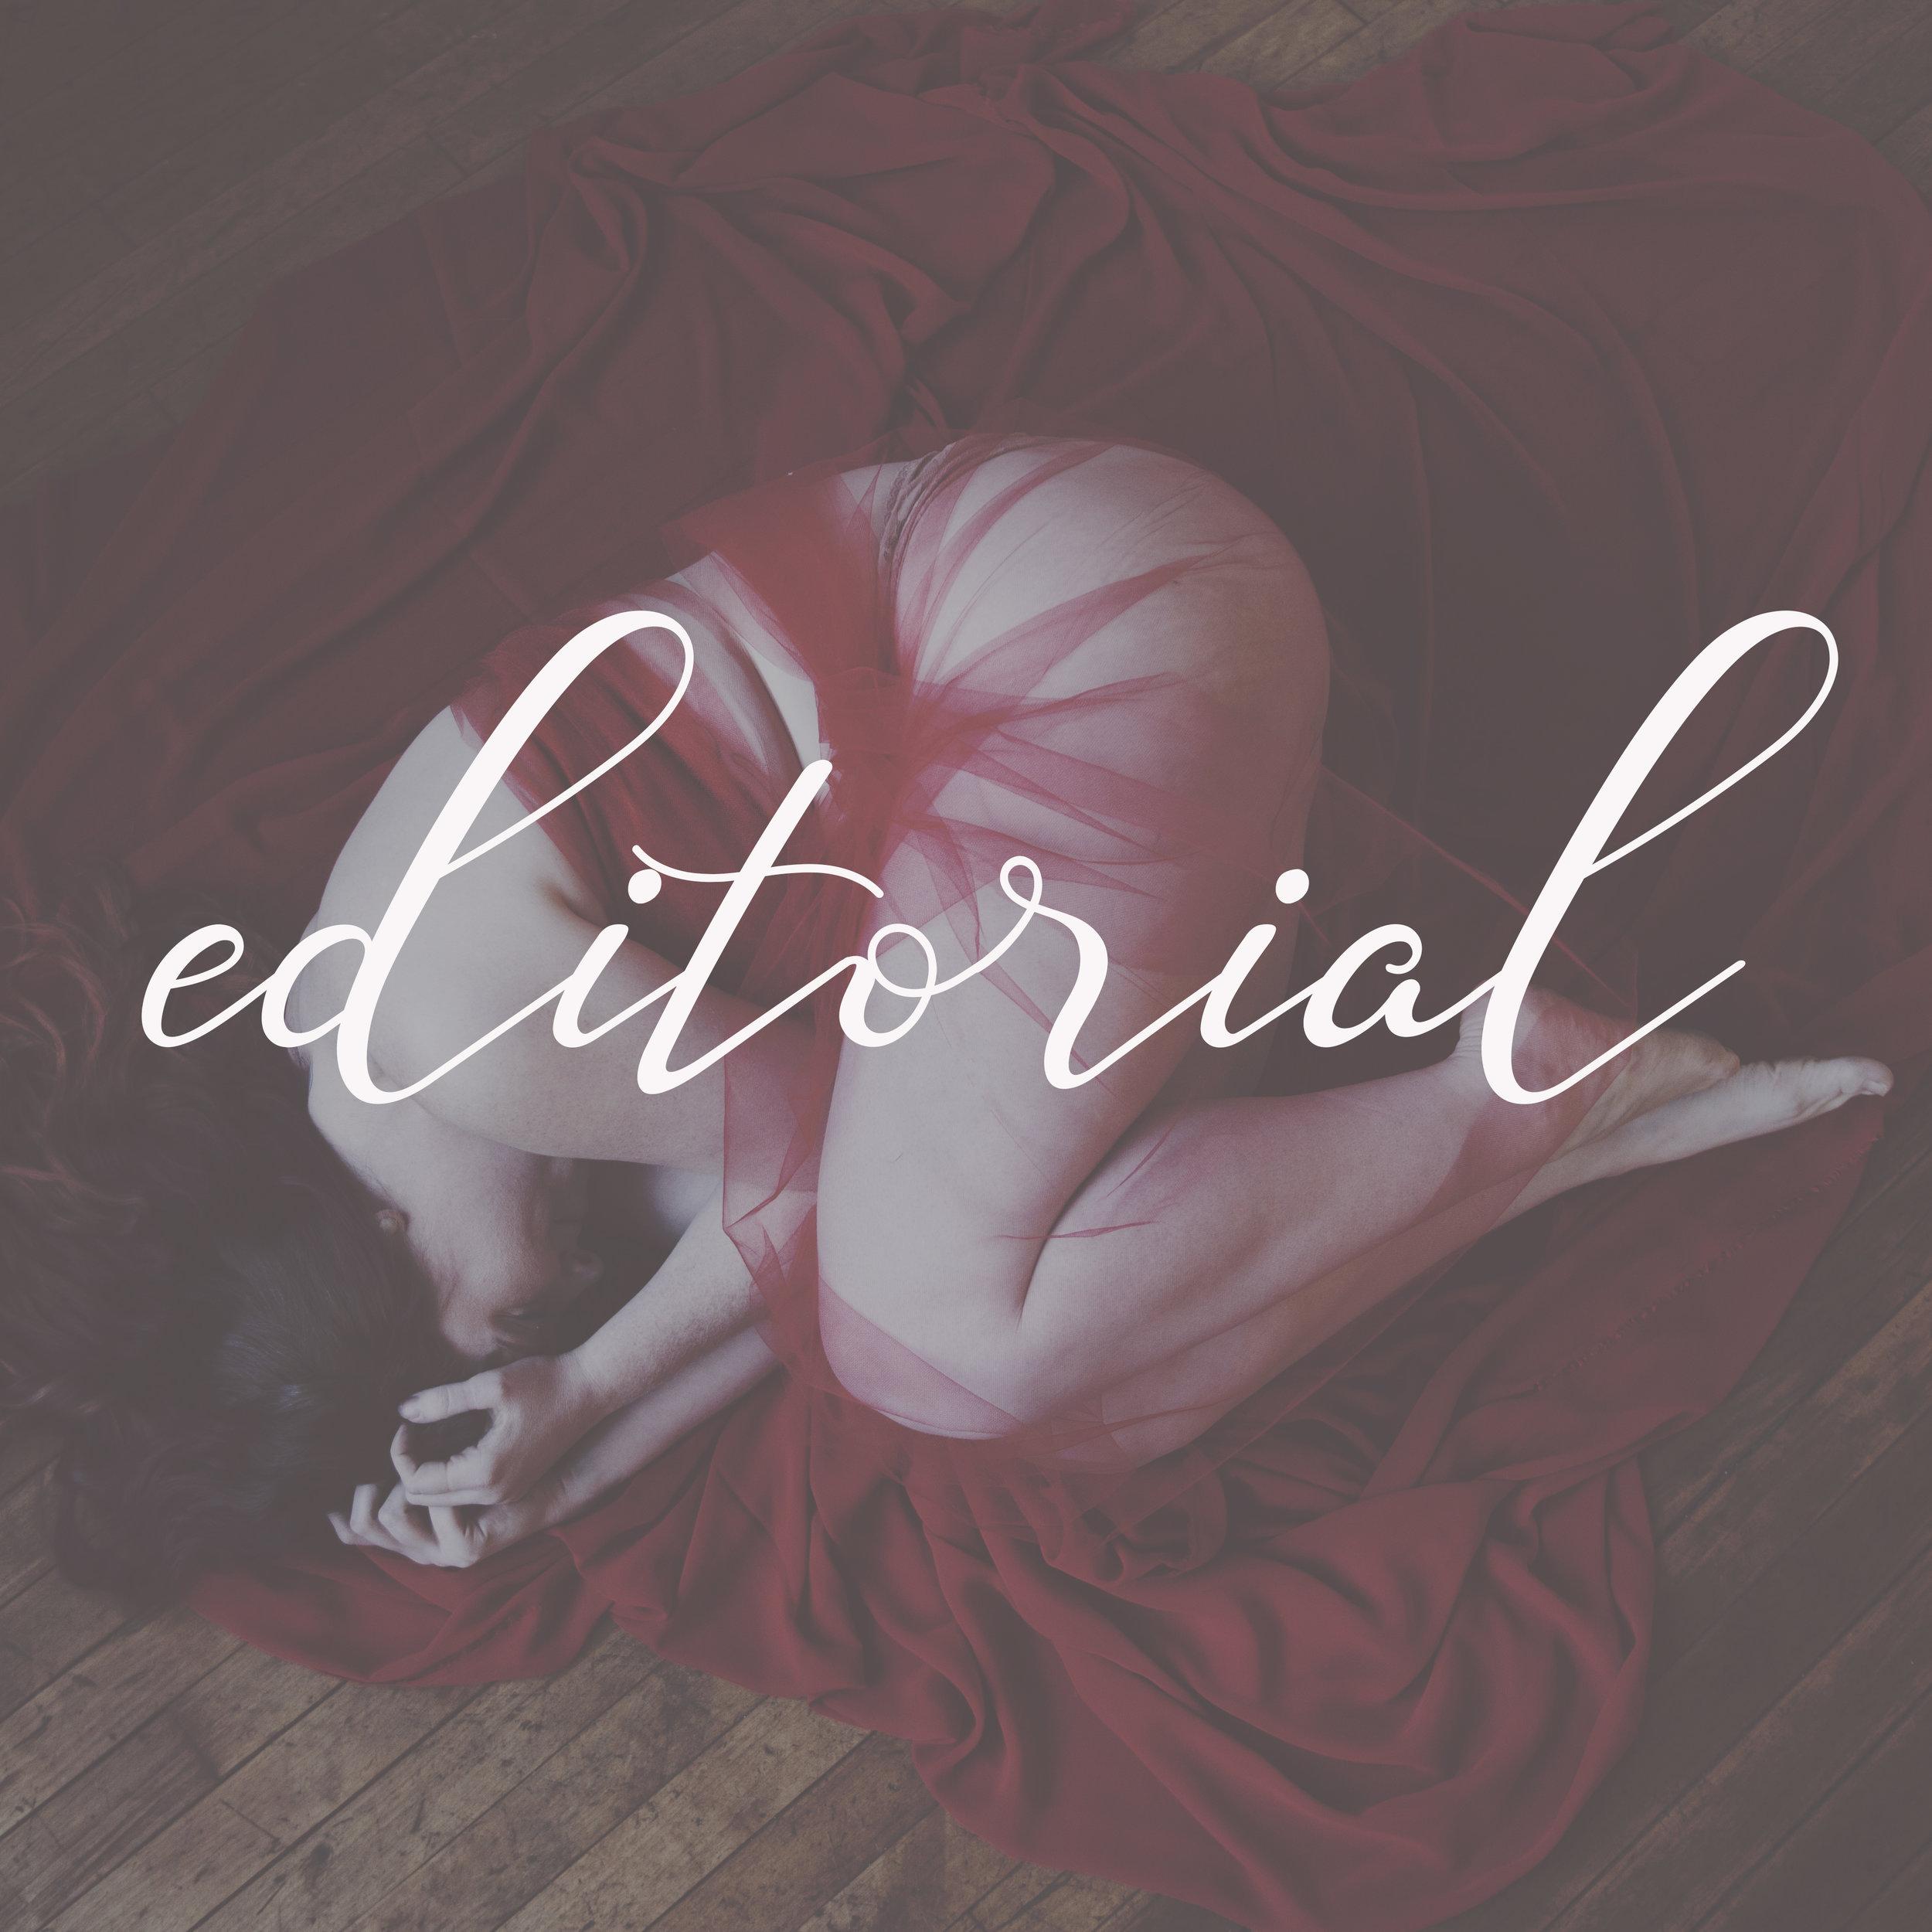 editorial2.jpg